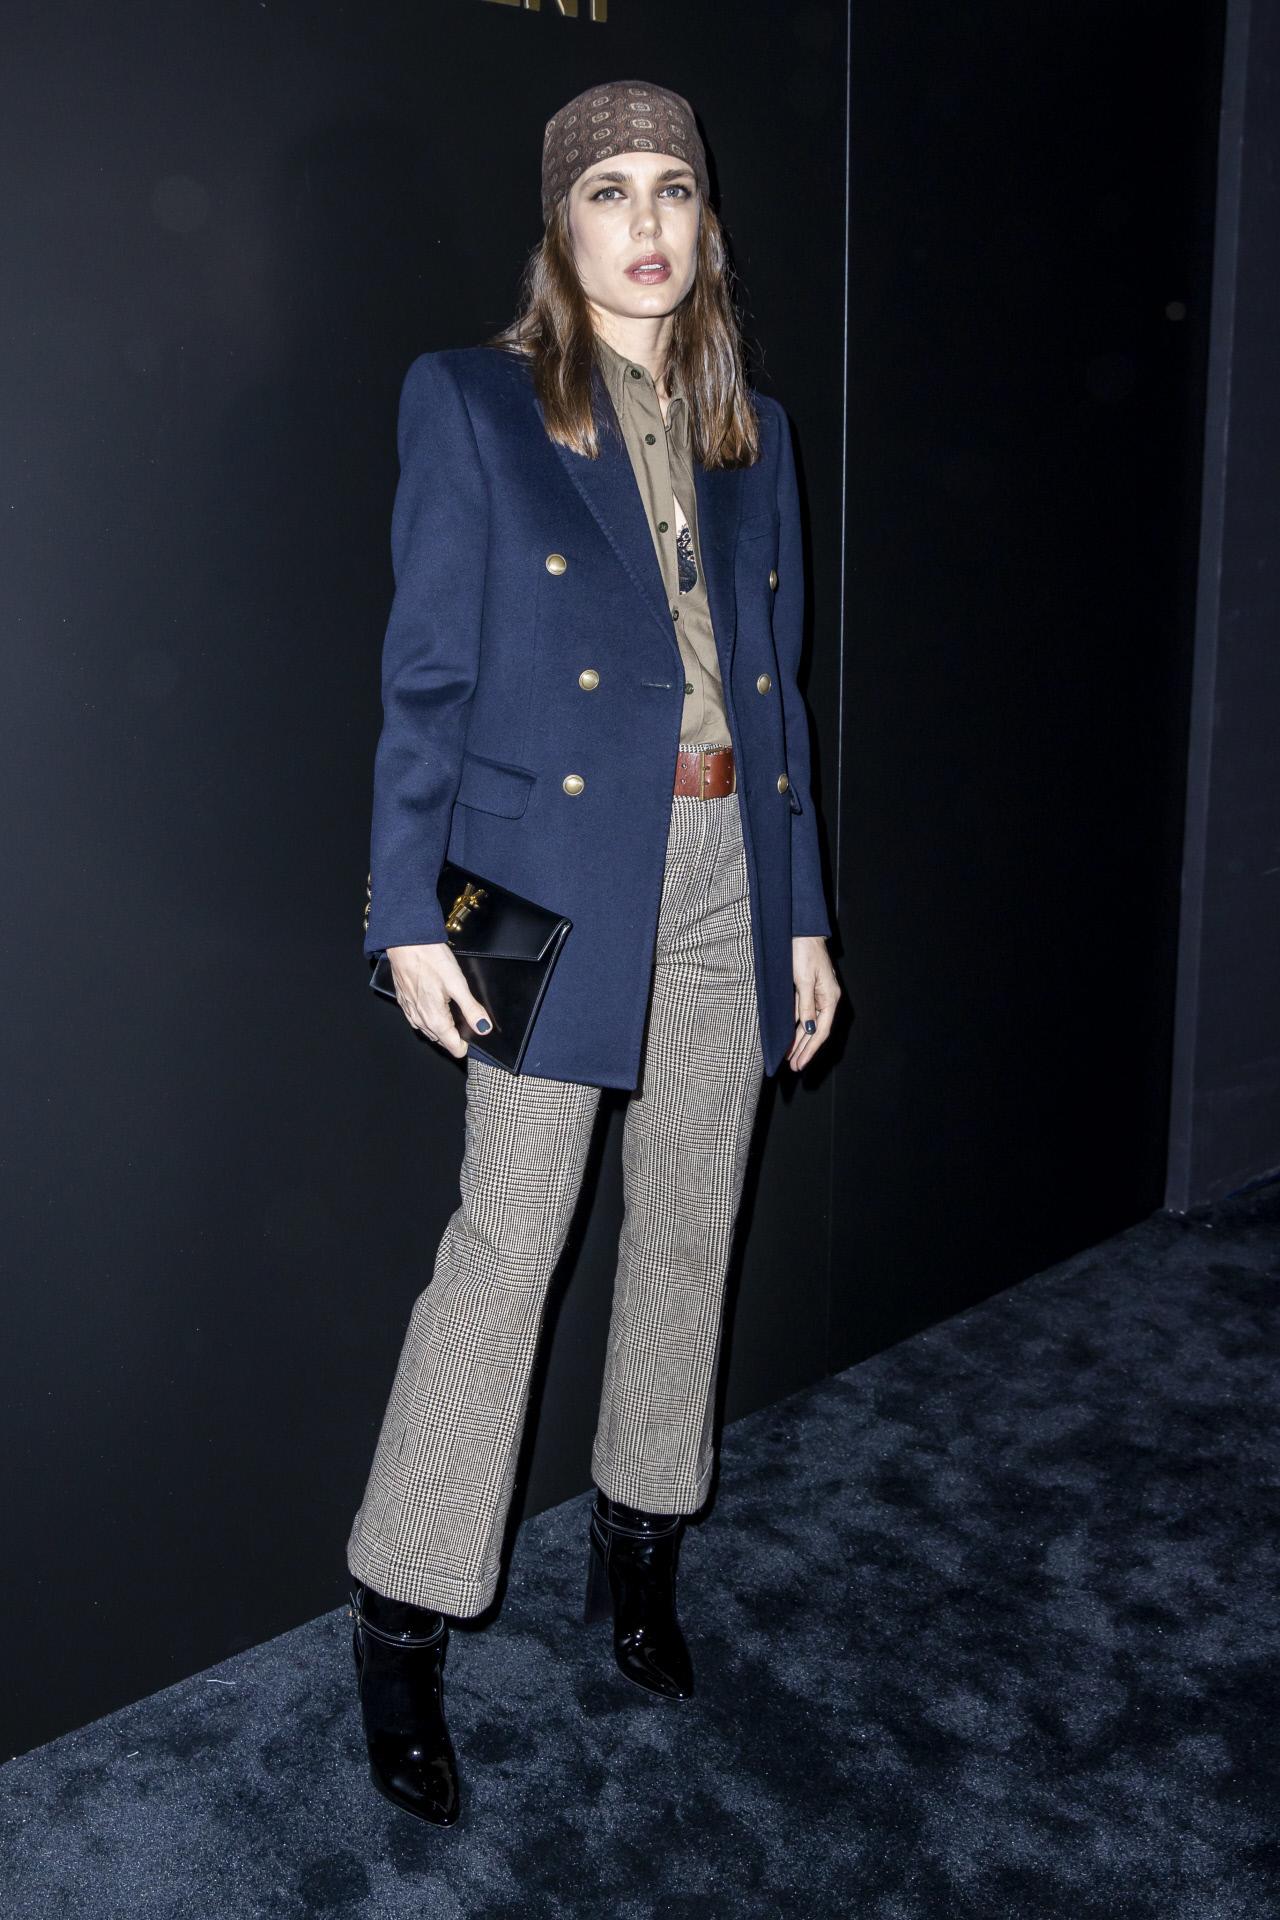 Carlota Casiraghi en el desfile de Saint Laurent en la semana de la moda de París en febrero 2020.